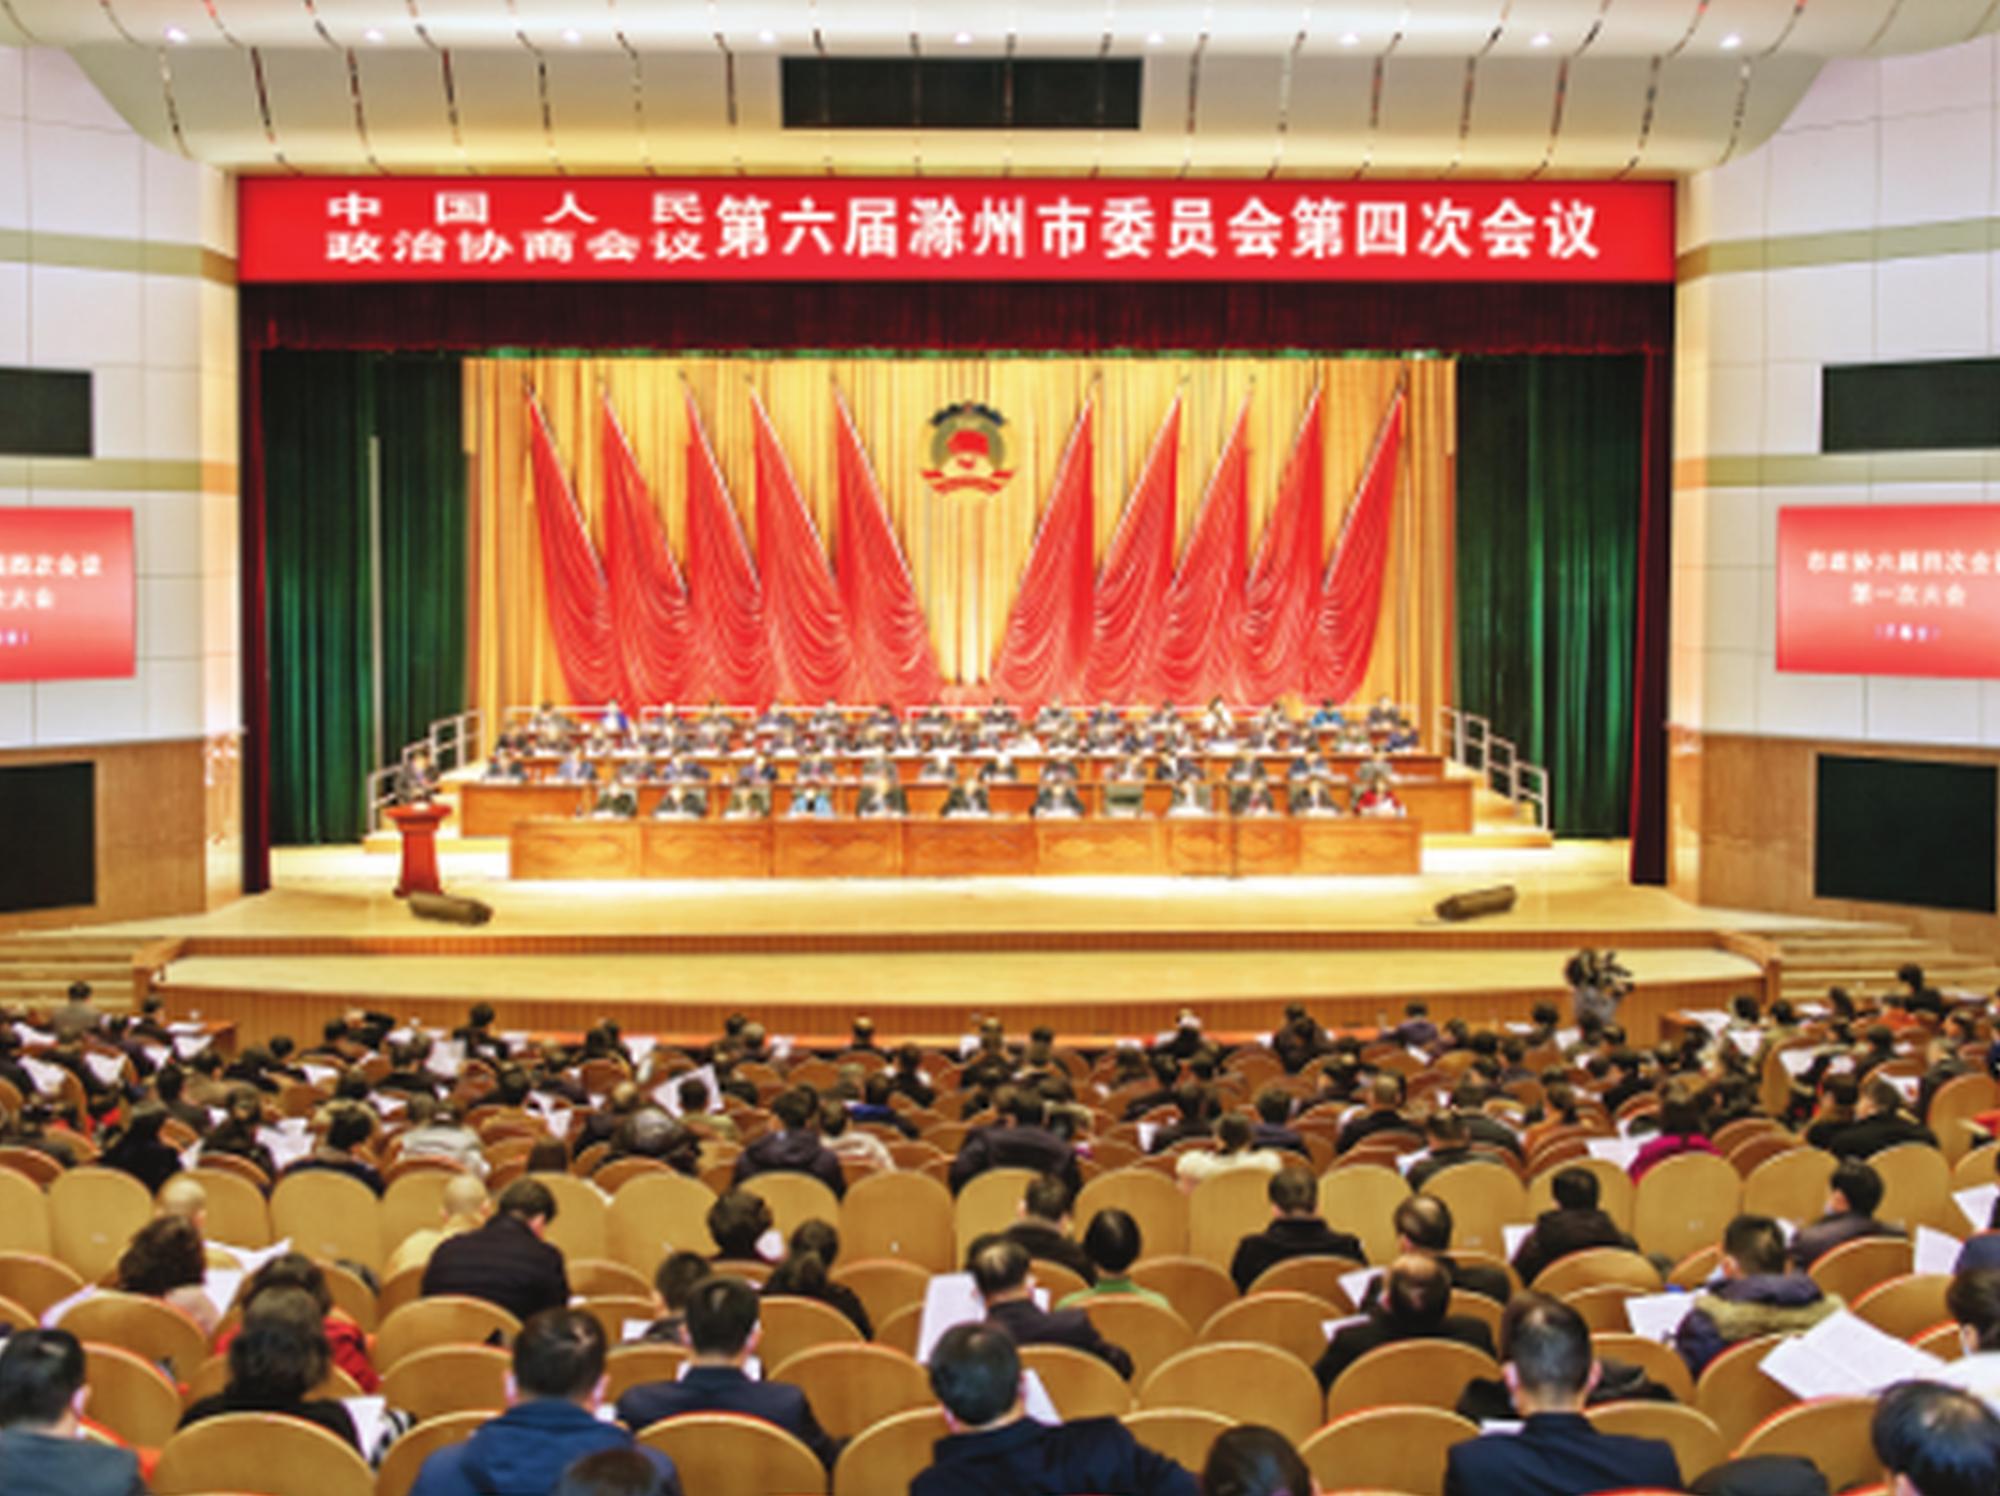 http://ah.sina.com.cn/news/2021-01-21/detail-ikftpnny0051691.shtml